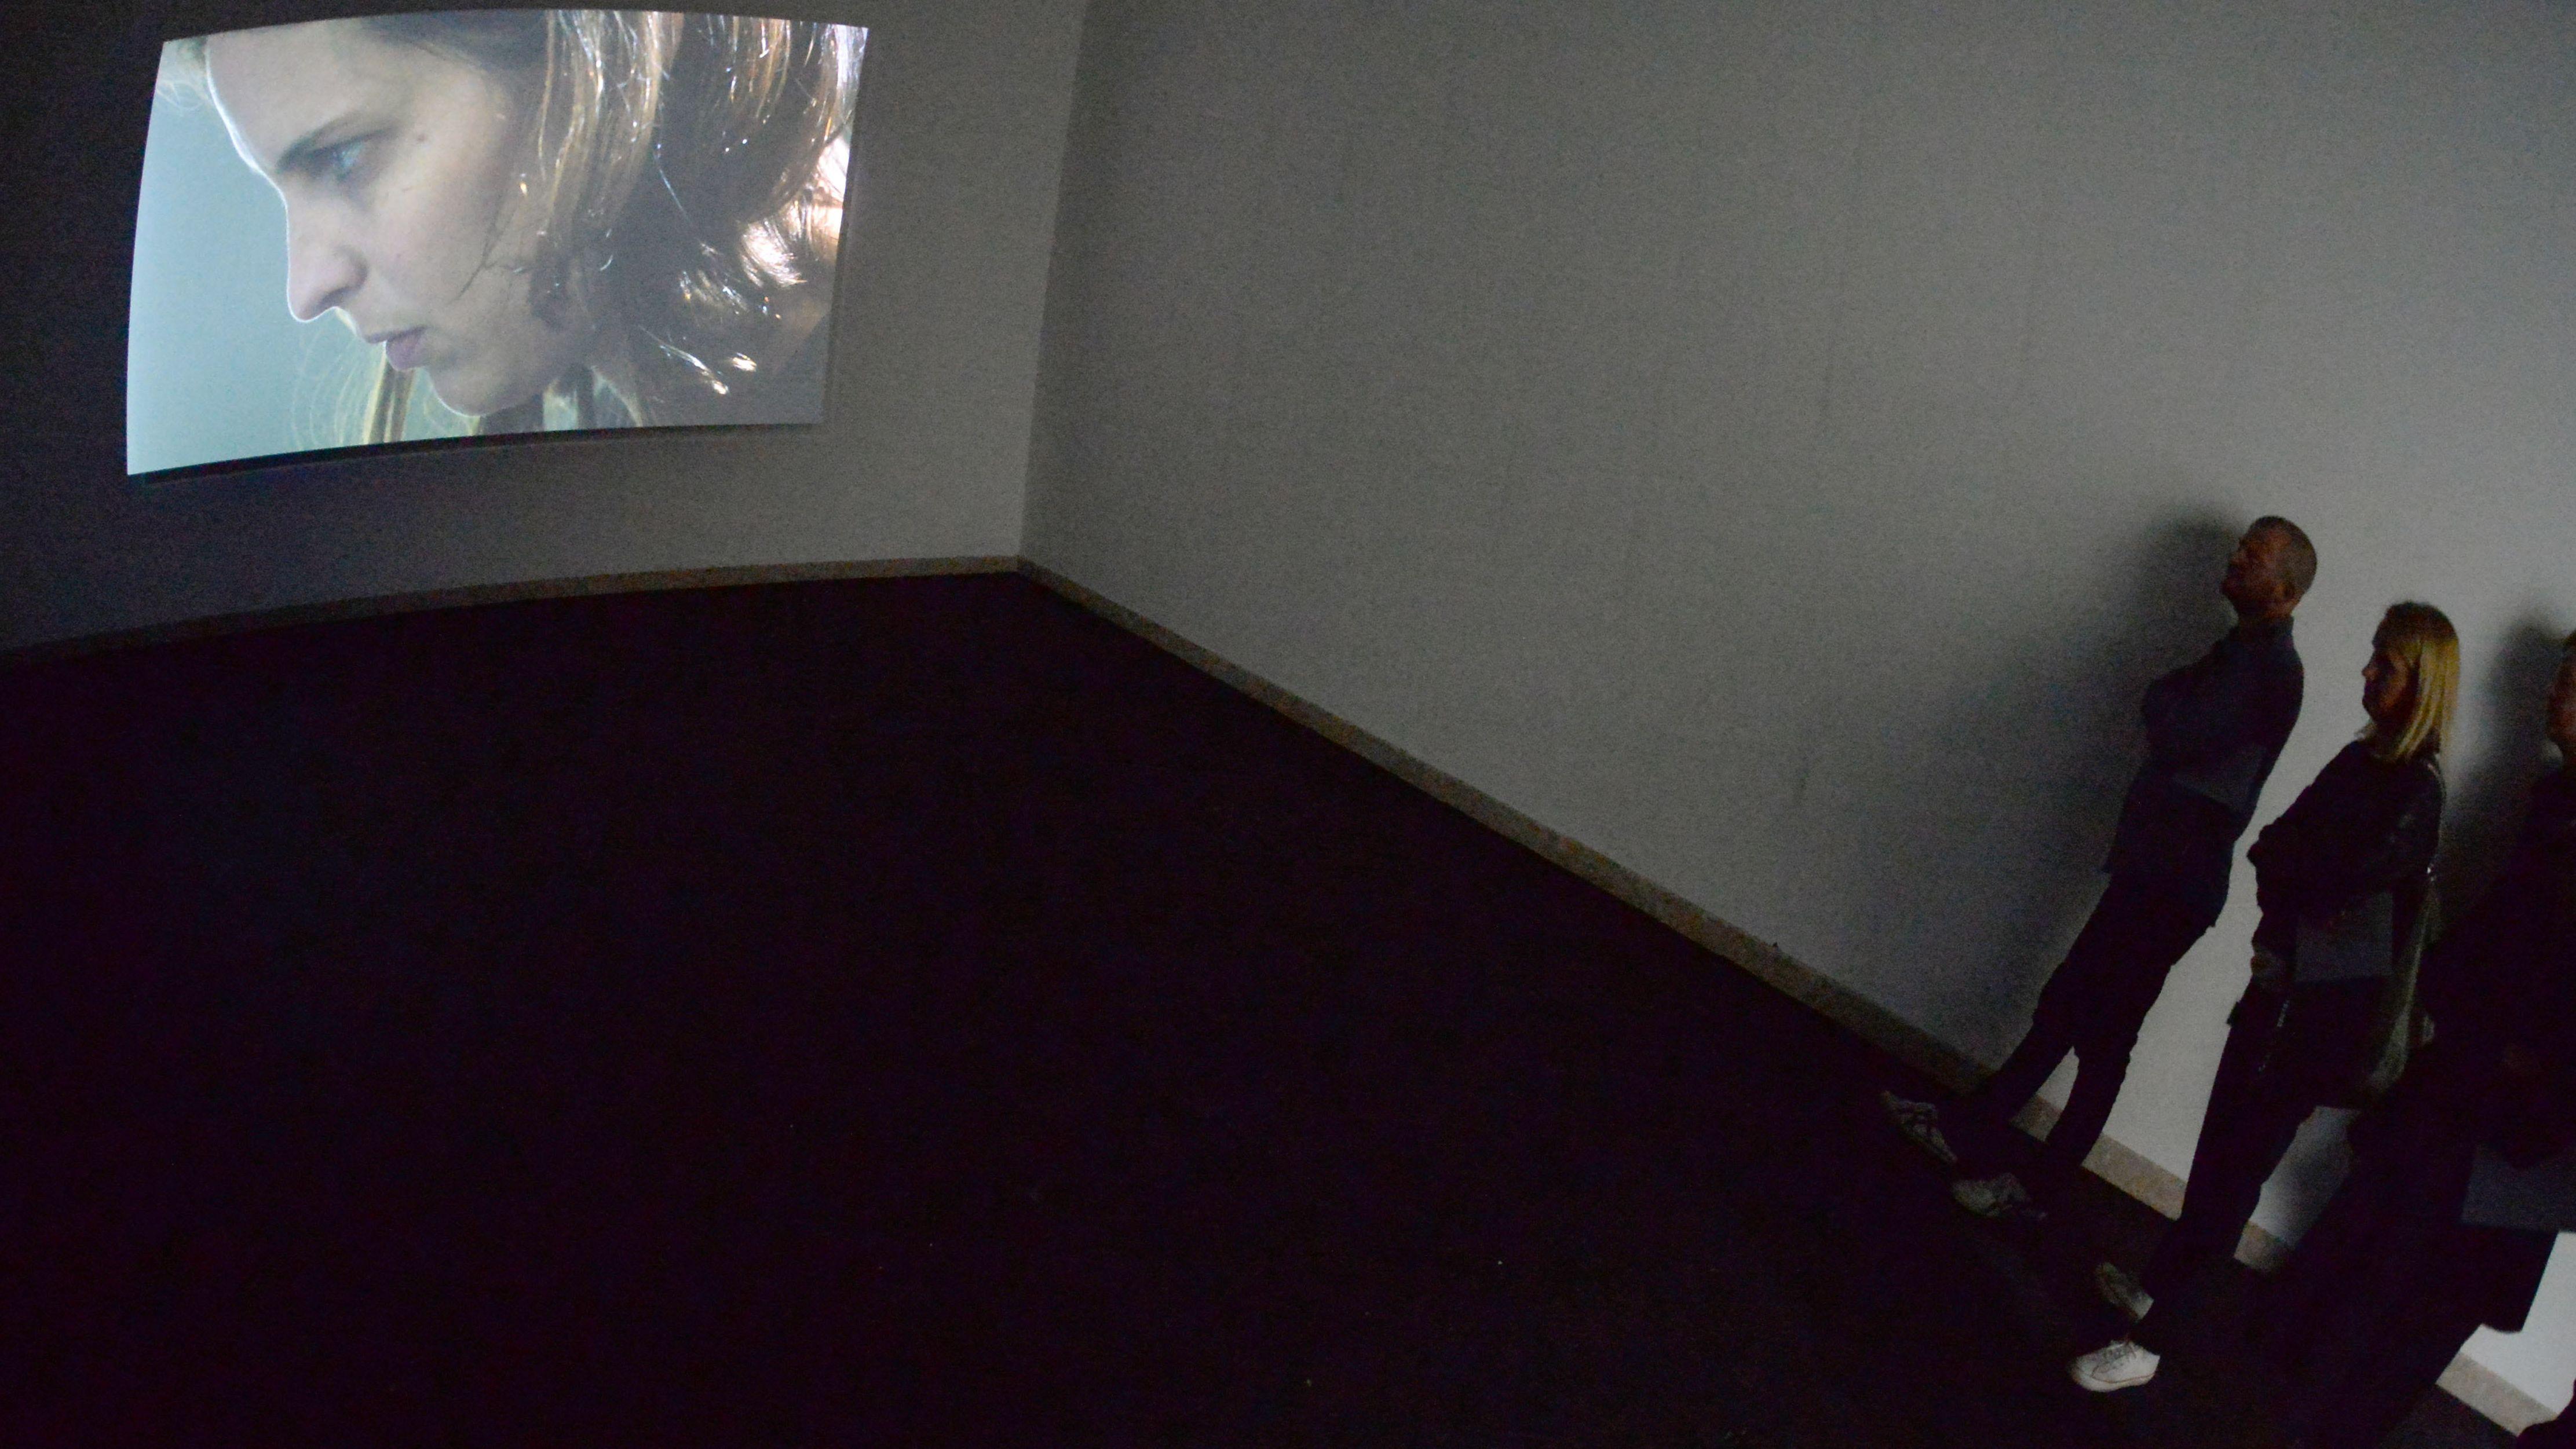 Deutscher Pavillon 2013: Installation des französischen Künstlers Anri Sala – die Räume des deutschen und französischen Pavillons wurden getauscht.